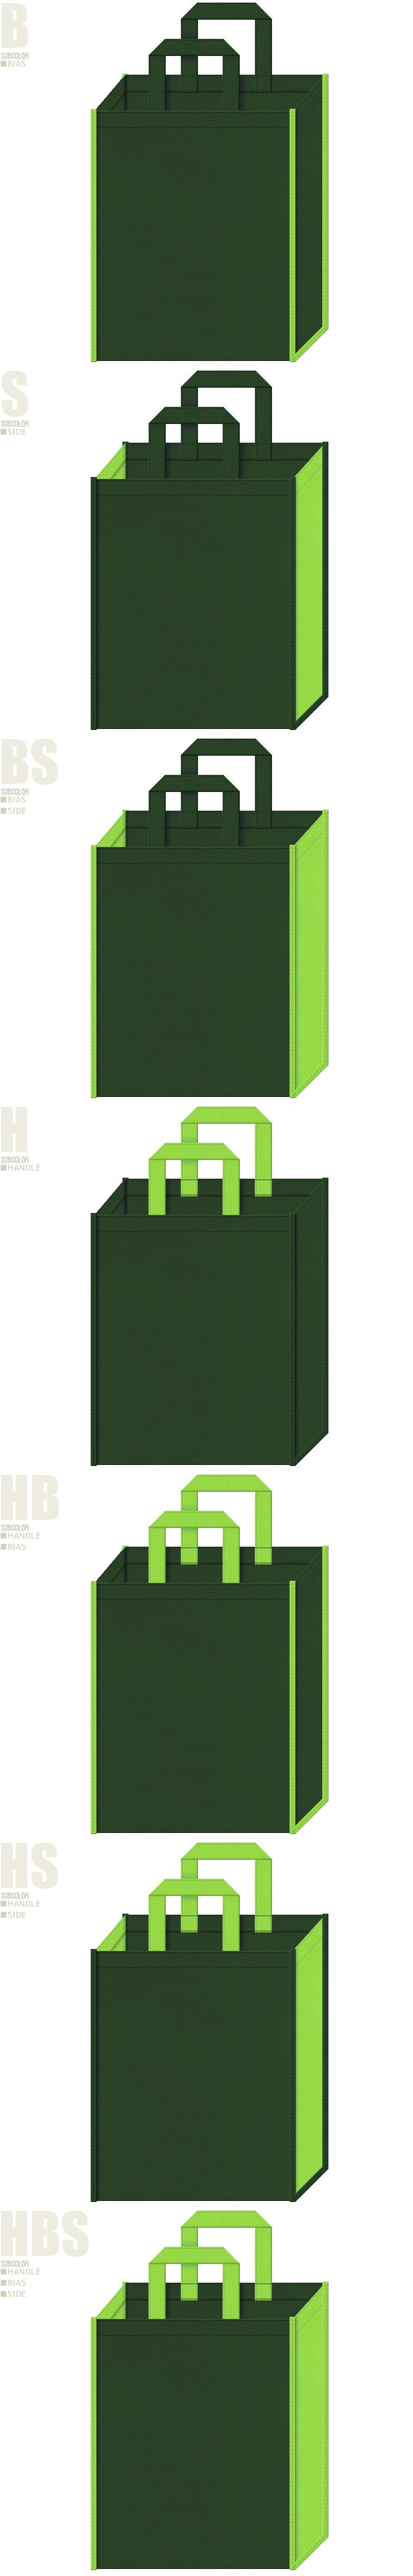 濃緑色と黄緑色、7パターンの不織布トートバッグ配色デザイン例。植物園・緑化運動のバッグノベルティ